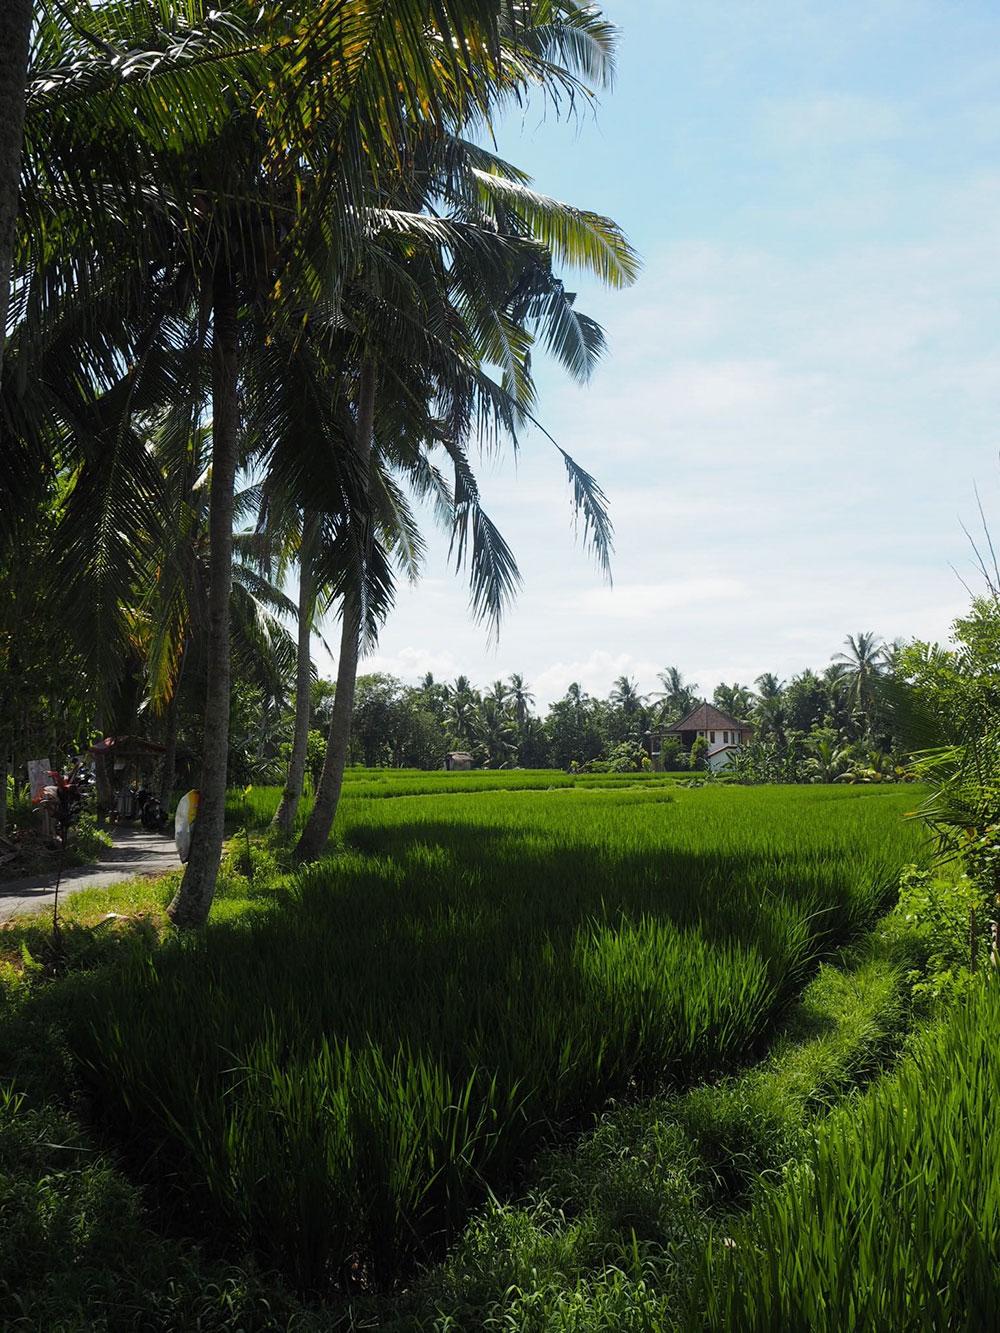 RosyCheeks-Bali-Ubud-Rice-Fields